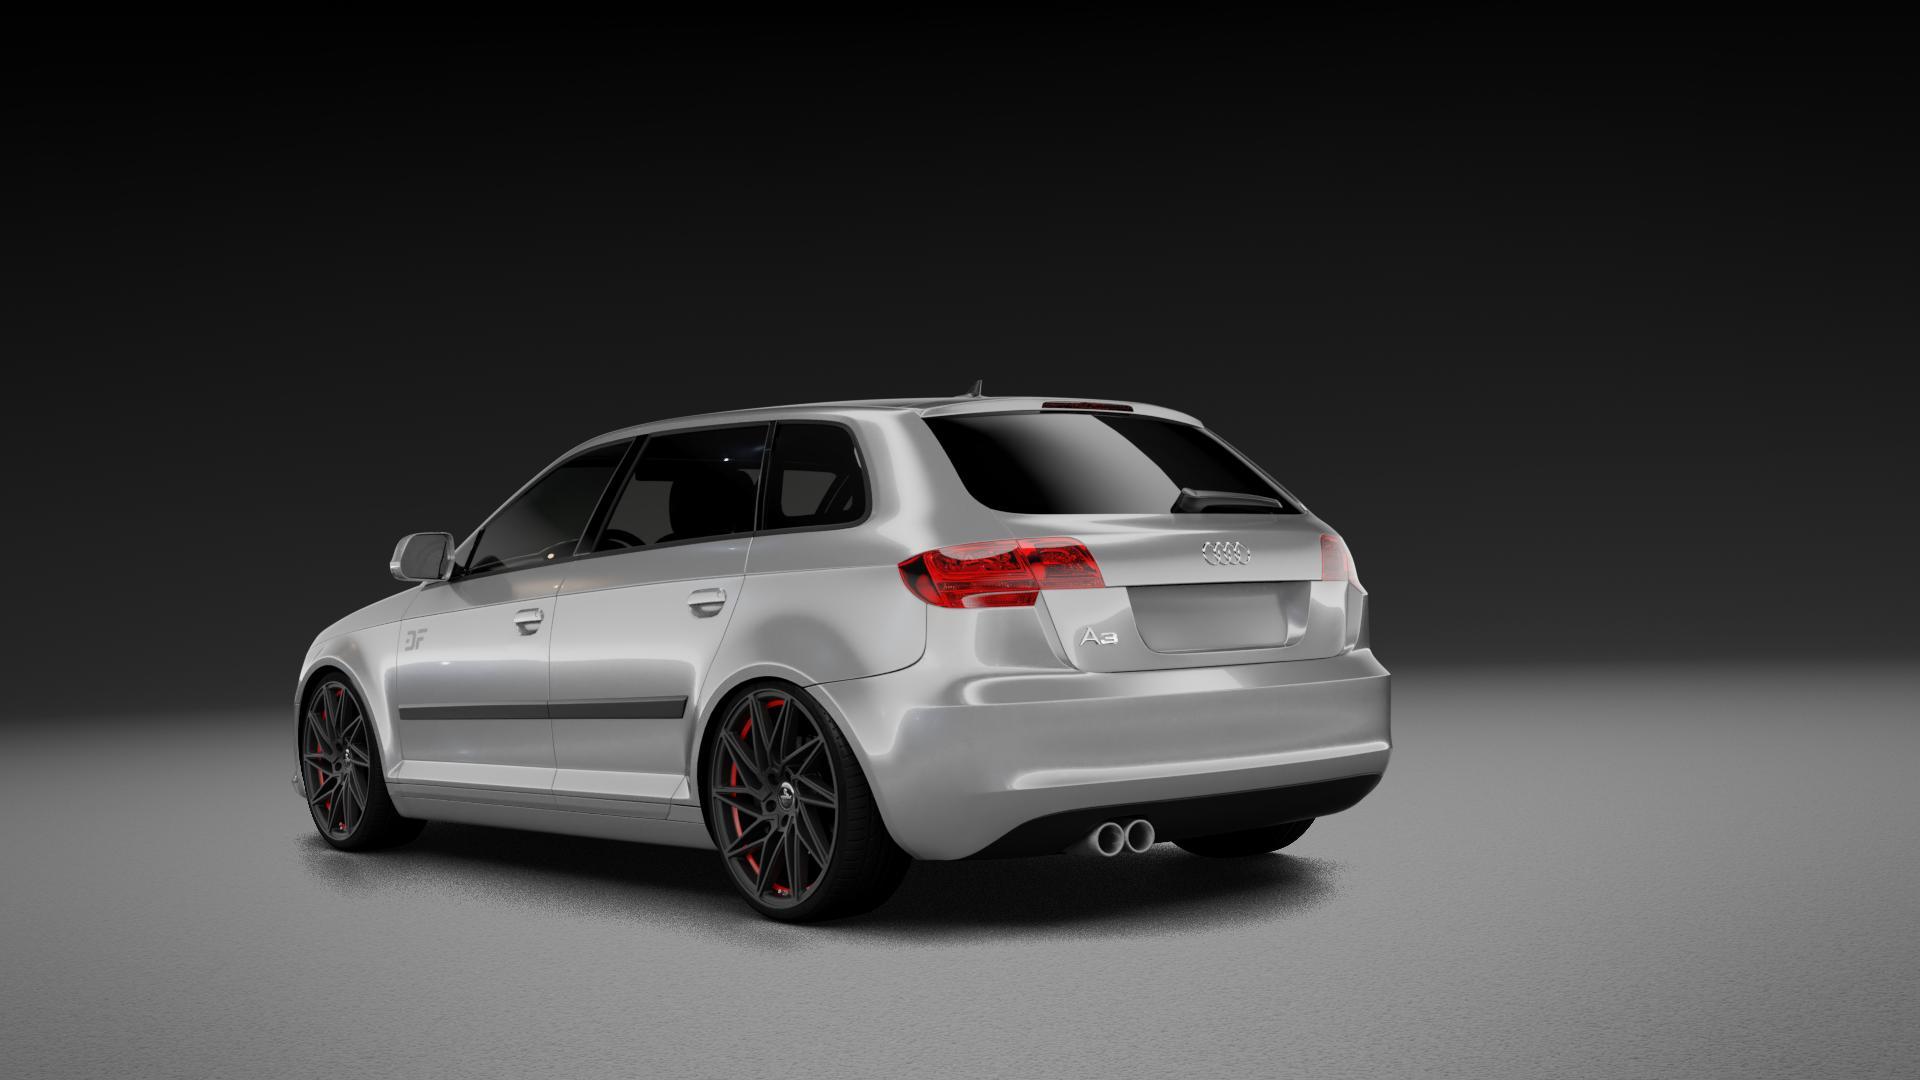 KESKIN KT20 MATT BLACK RED INSIDE Felge mit Reifen schwarz rot in 19Zoll Winterfelge Alufelge auf silbernem Audi A3 Typ 8P (Sportback) 1,6l 75kW (102 PS) 2,0l FSI 110kW (150 1,9l TDI 77kW (105 103kW (140 TFSI 147kW (200 85kW (116 100kW (136 1,8l 118kW (160 125kW (170 1,4l 92kW (125 120kW (163 quattro 3,2l V6 184kW (250 S3 195kW (265 1,2l 66kW (90